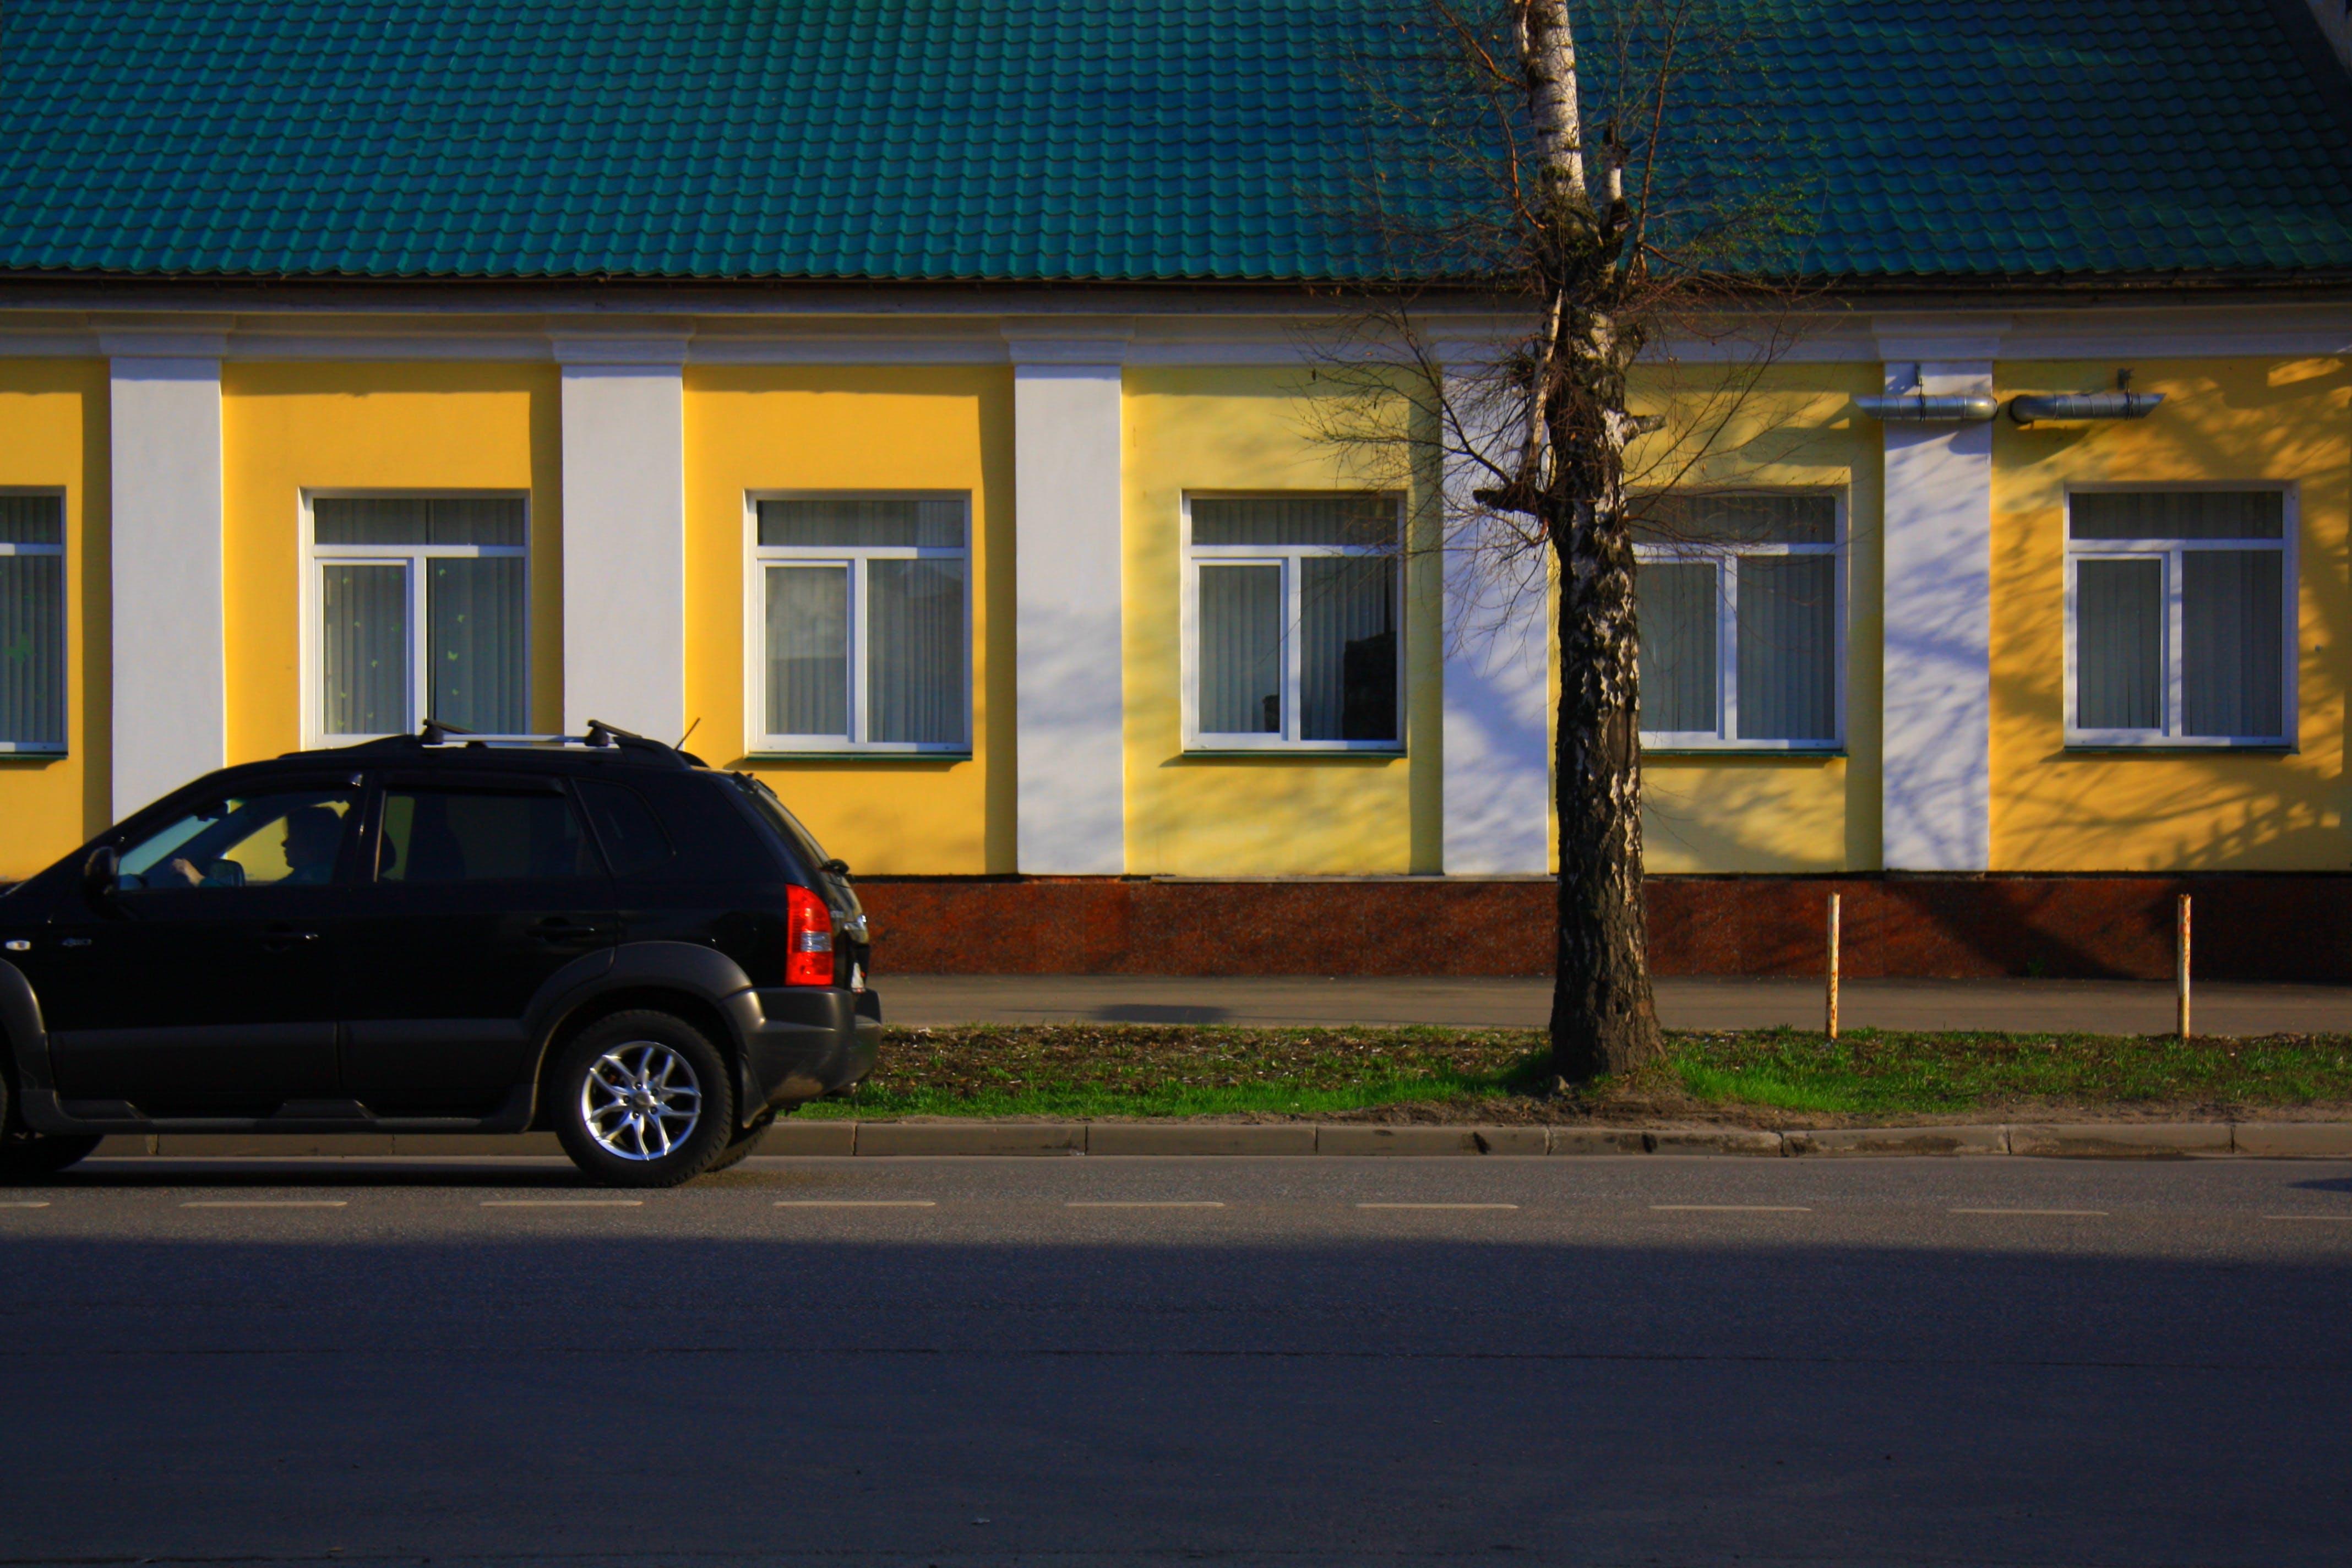 black car, car, city